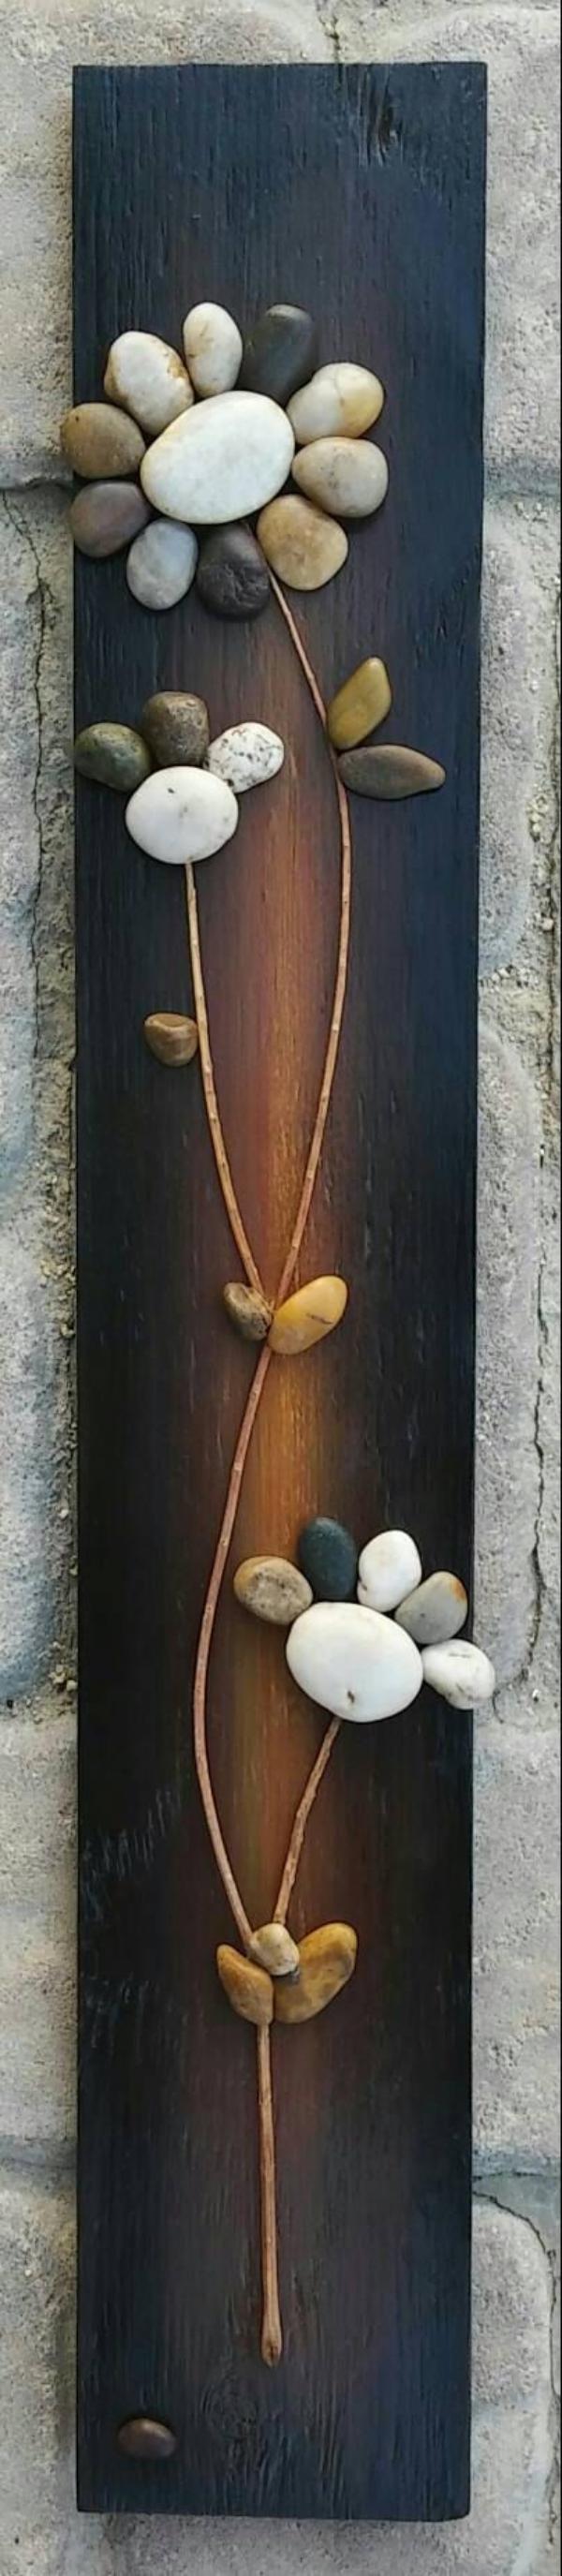 rock-and-pebble-art-ideas-27